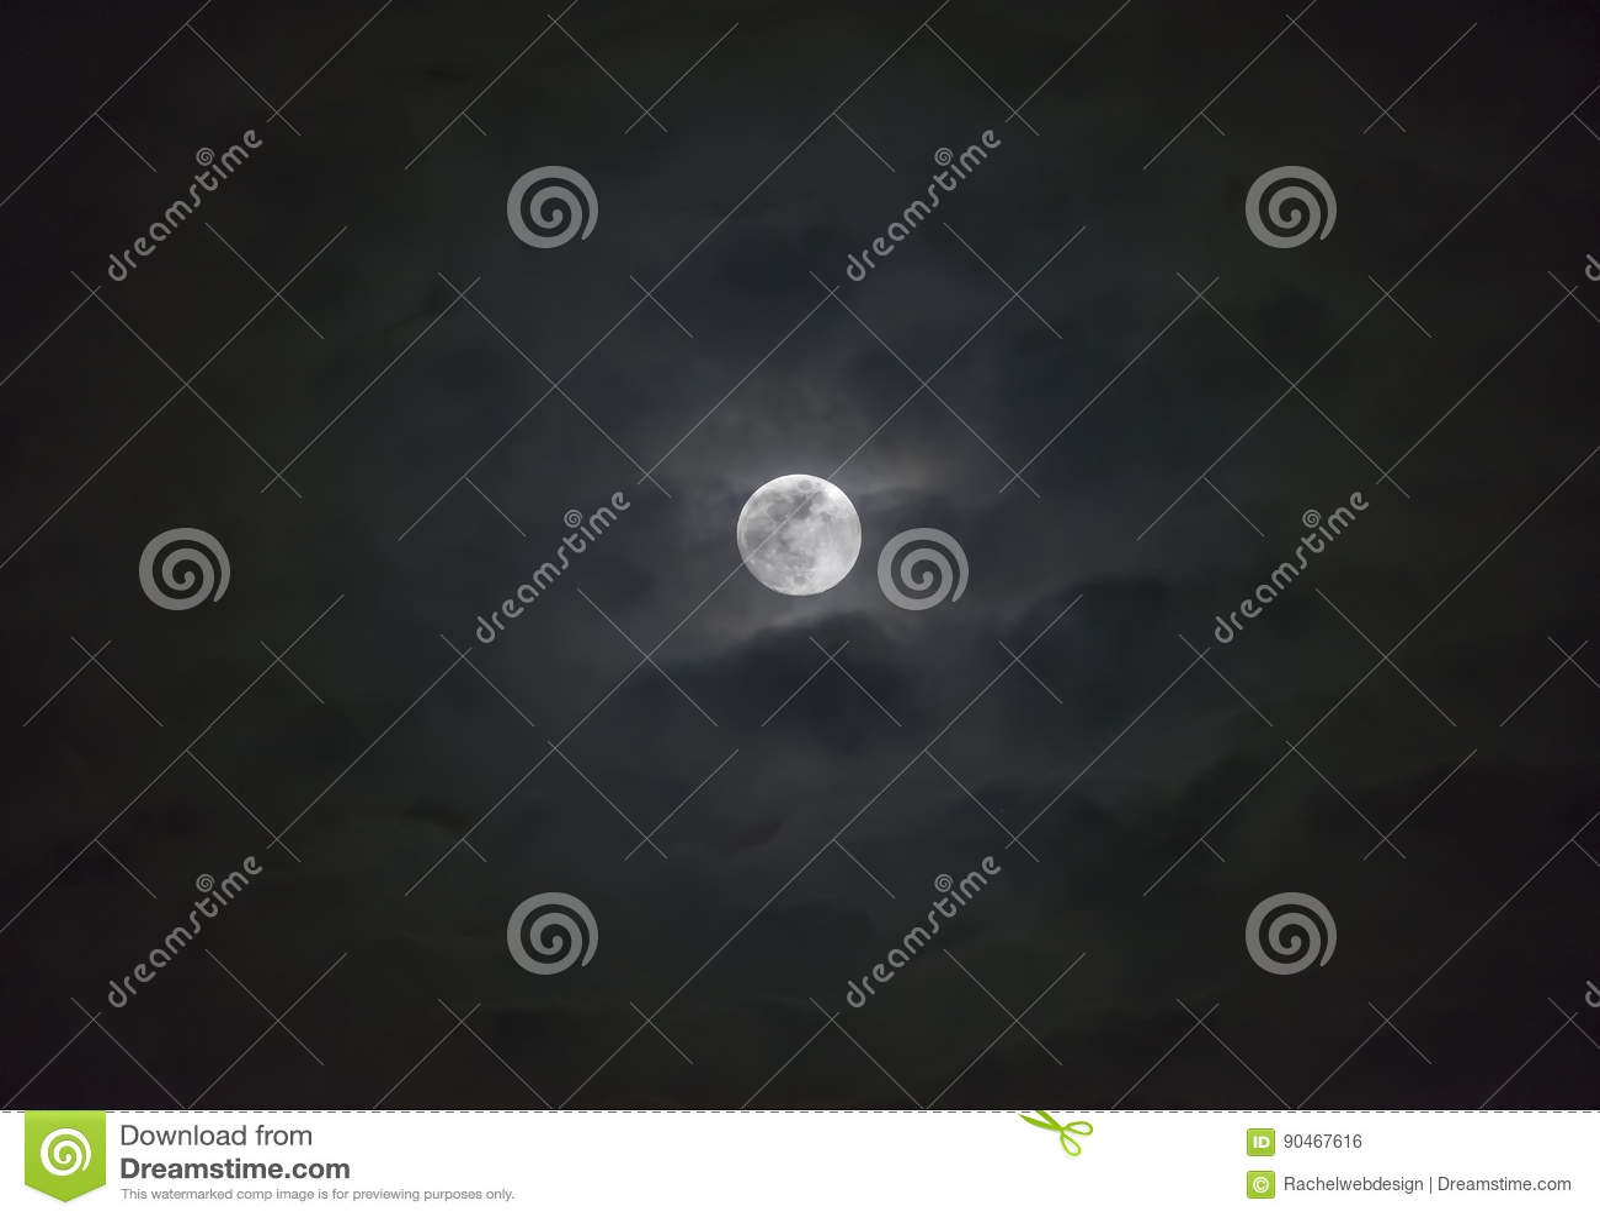 Glowing full moon behind wispy layers of moody clouds, atmospheric night sky scene